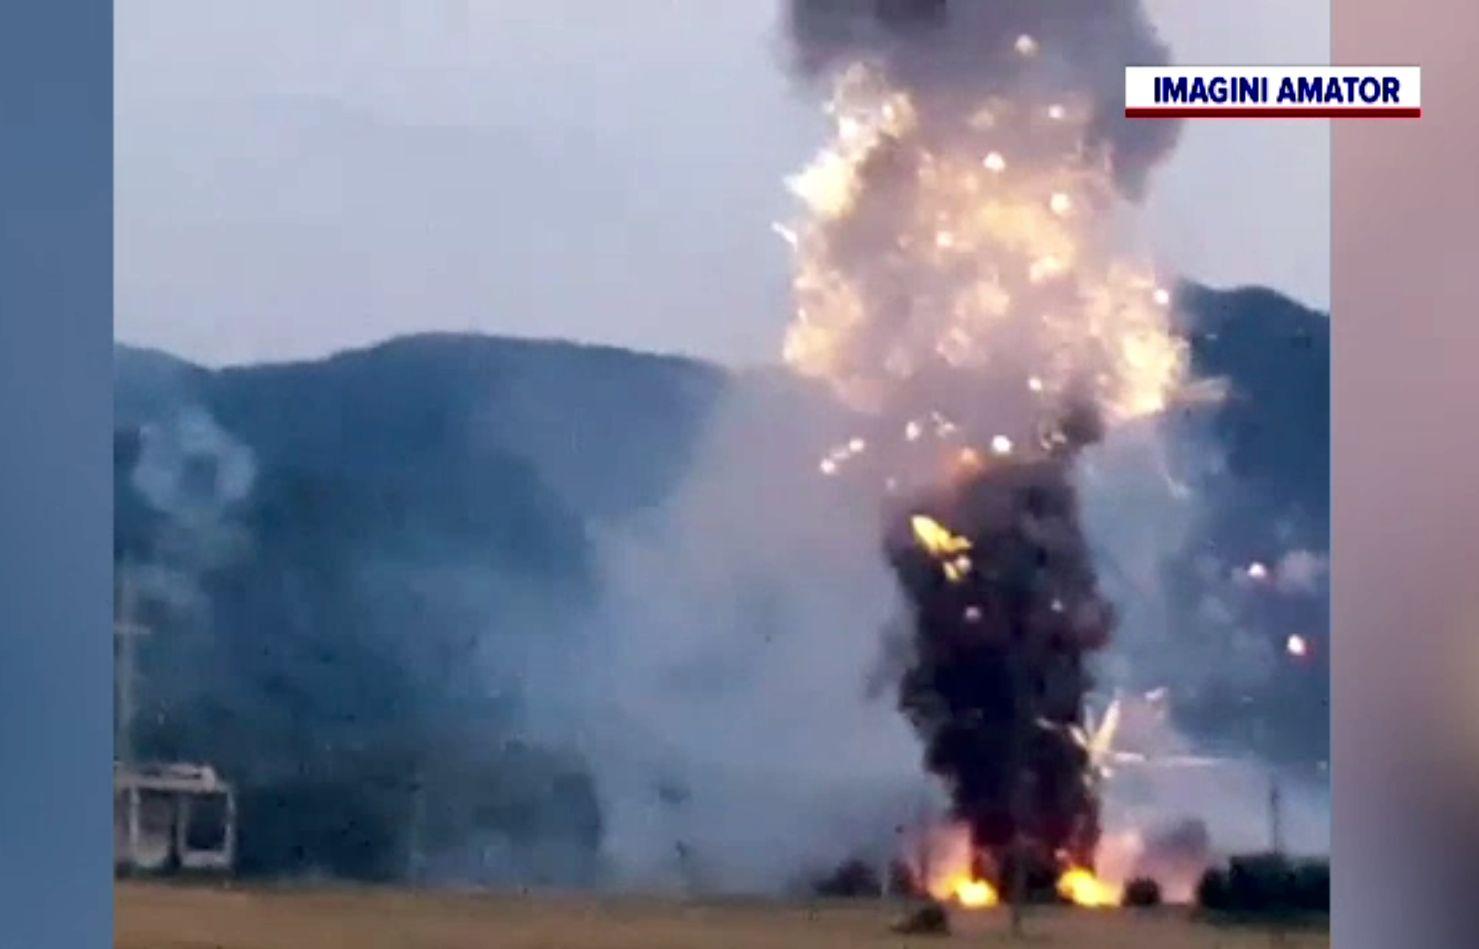 Anchetă la explozia de la depozitul de artificii din Zărnești. Procurorii au descoperit fapte penale